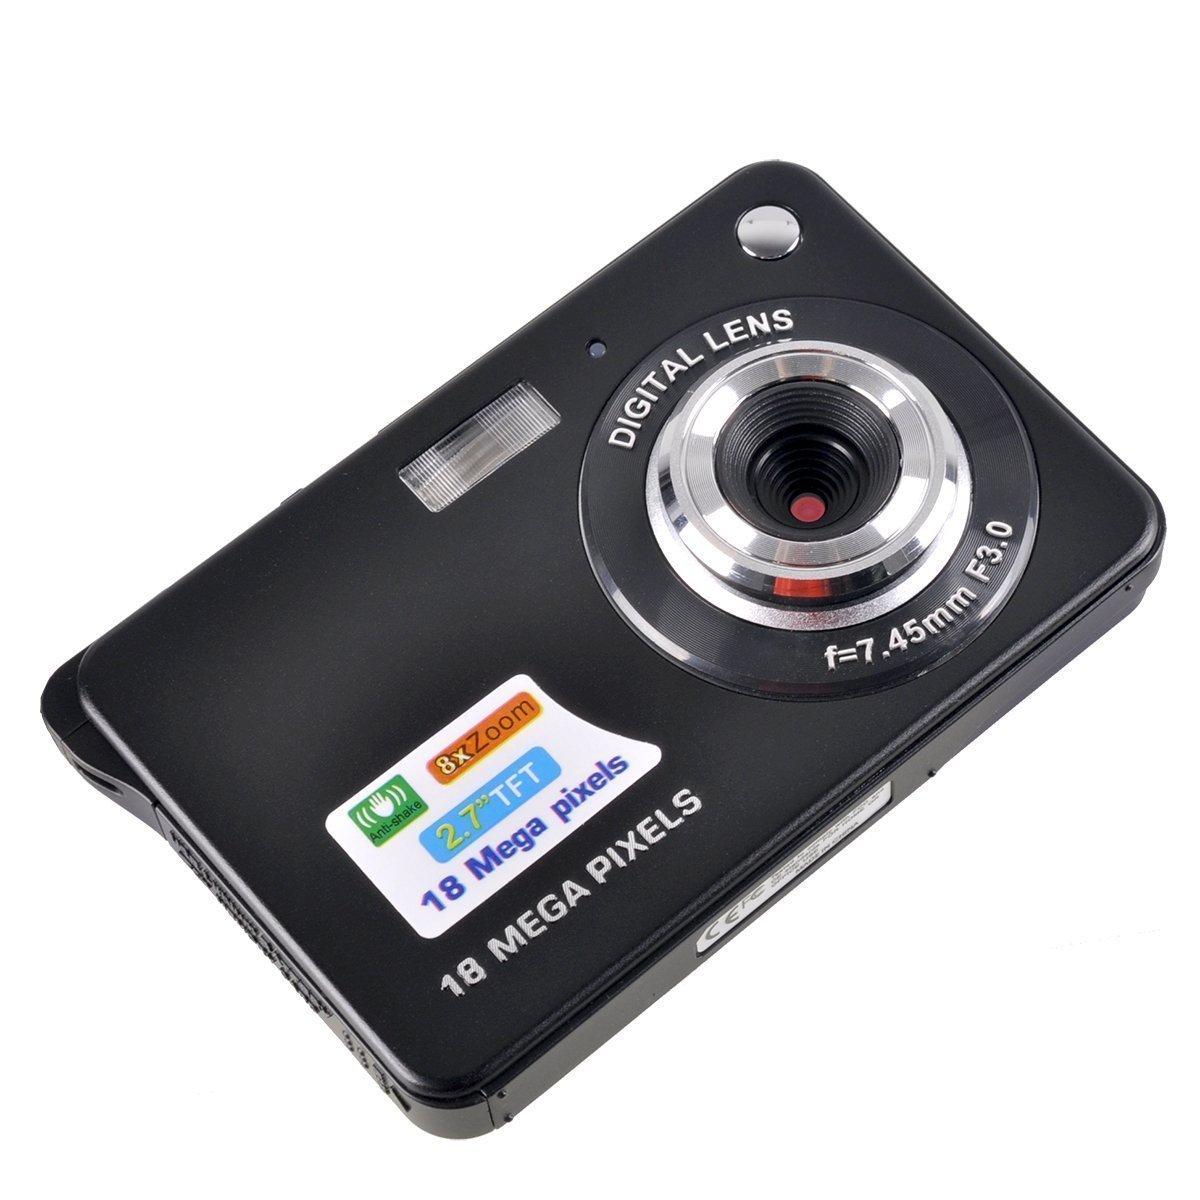 KINGEAR CDC3 Mini Digital Camera 2.7 Inch TFT LCD HD Digital Video Camera by KINGEAR